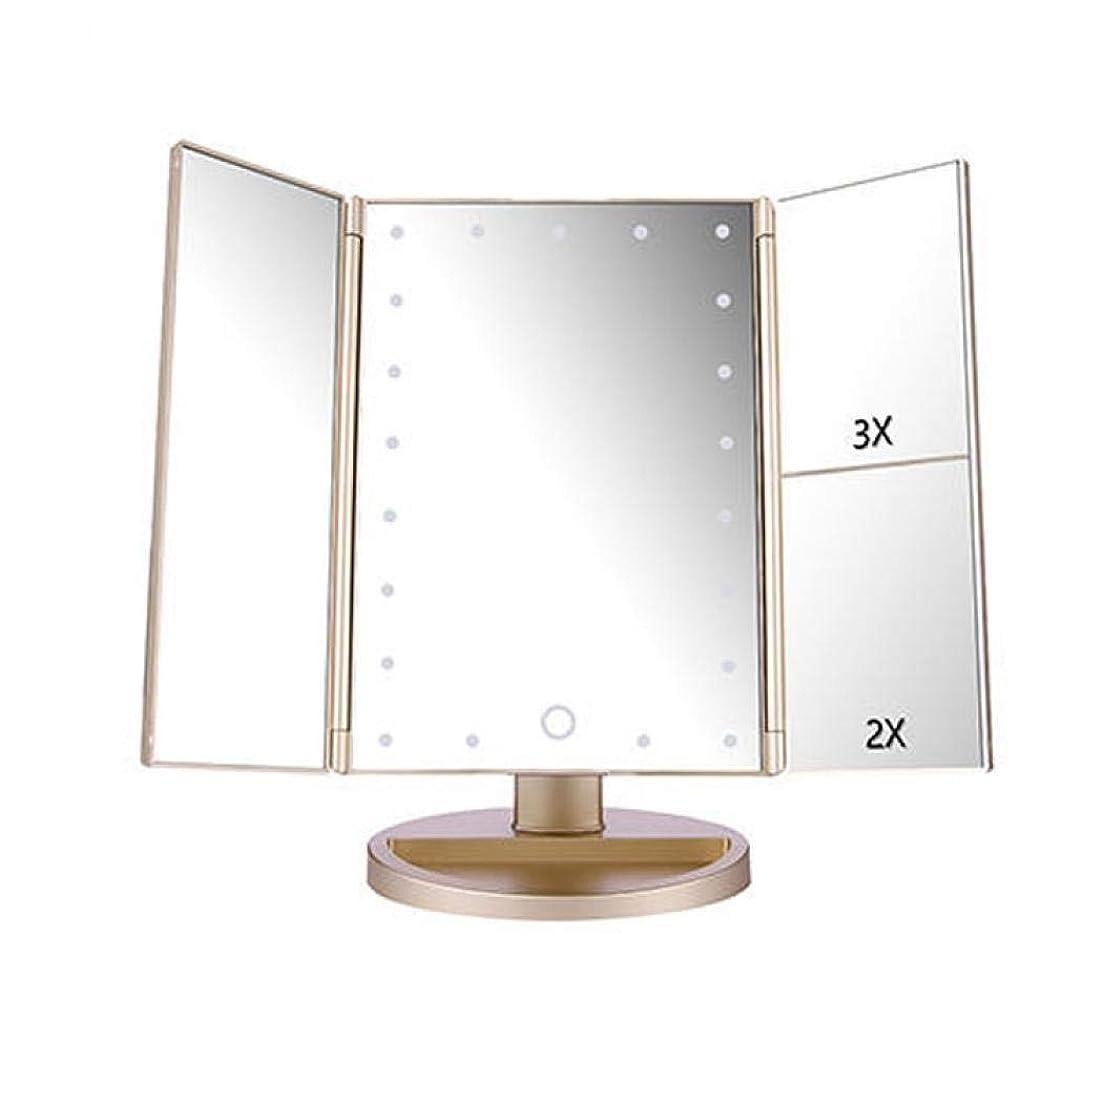 ハリケーン入り口主権者Bossip 化粧鏡 化粧ミラー 鏡 三面鏡 卓上 ledライト付き 折りたたみ 拡大鏡 曇らないミラー 明るさ調節可能 180°回転 2WAY給電 (シャンパン,22個LEDライト/10倍拡大鏡)